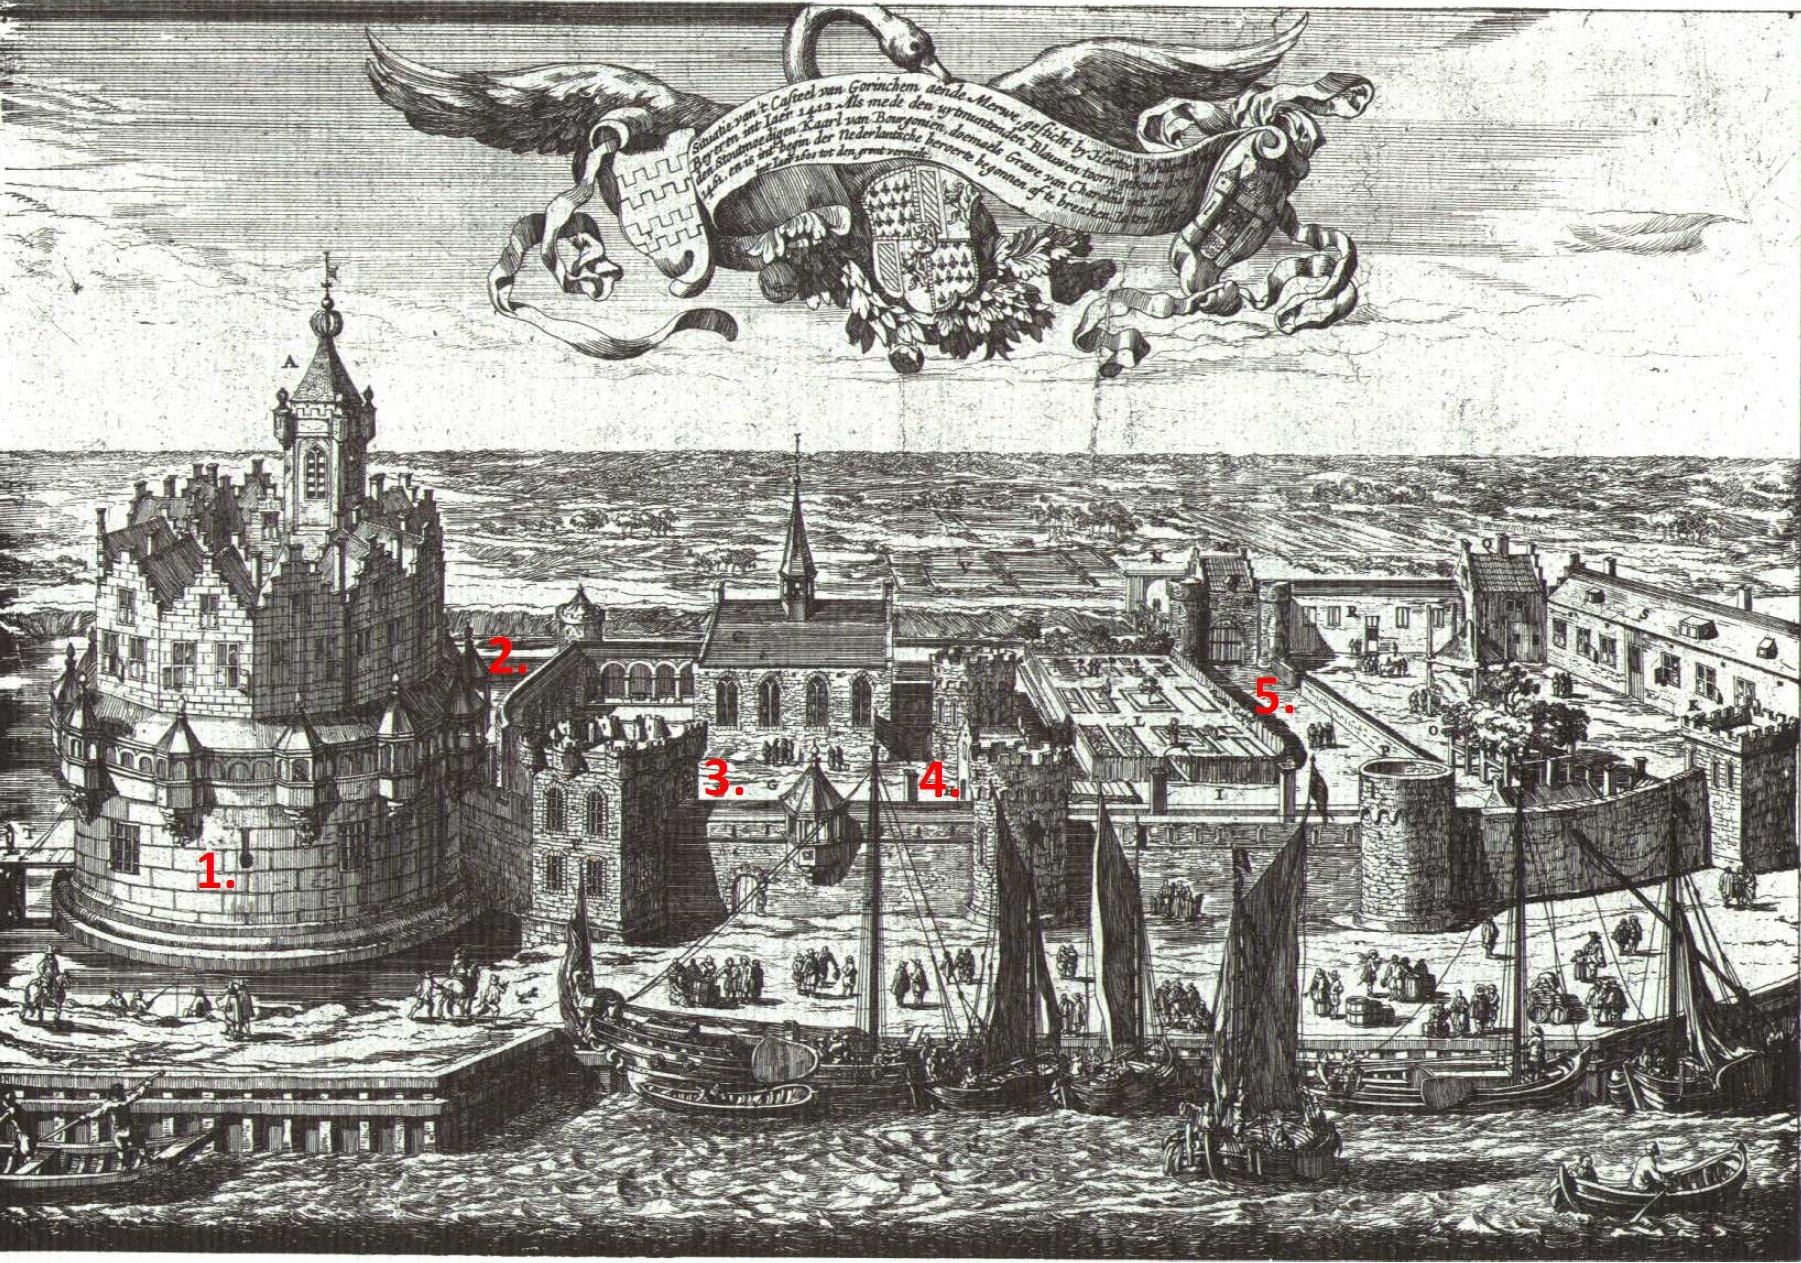 kasteel-de-blauwe-toren-genummerd-2